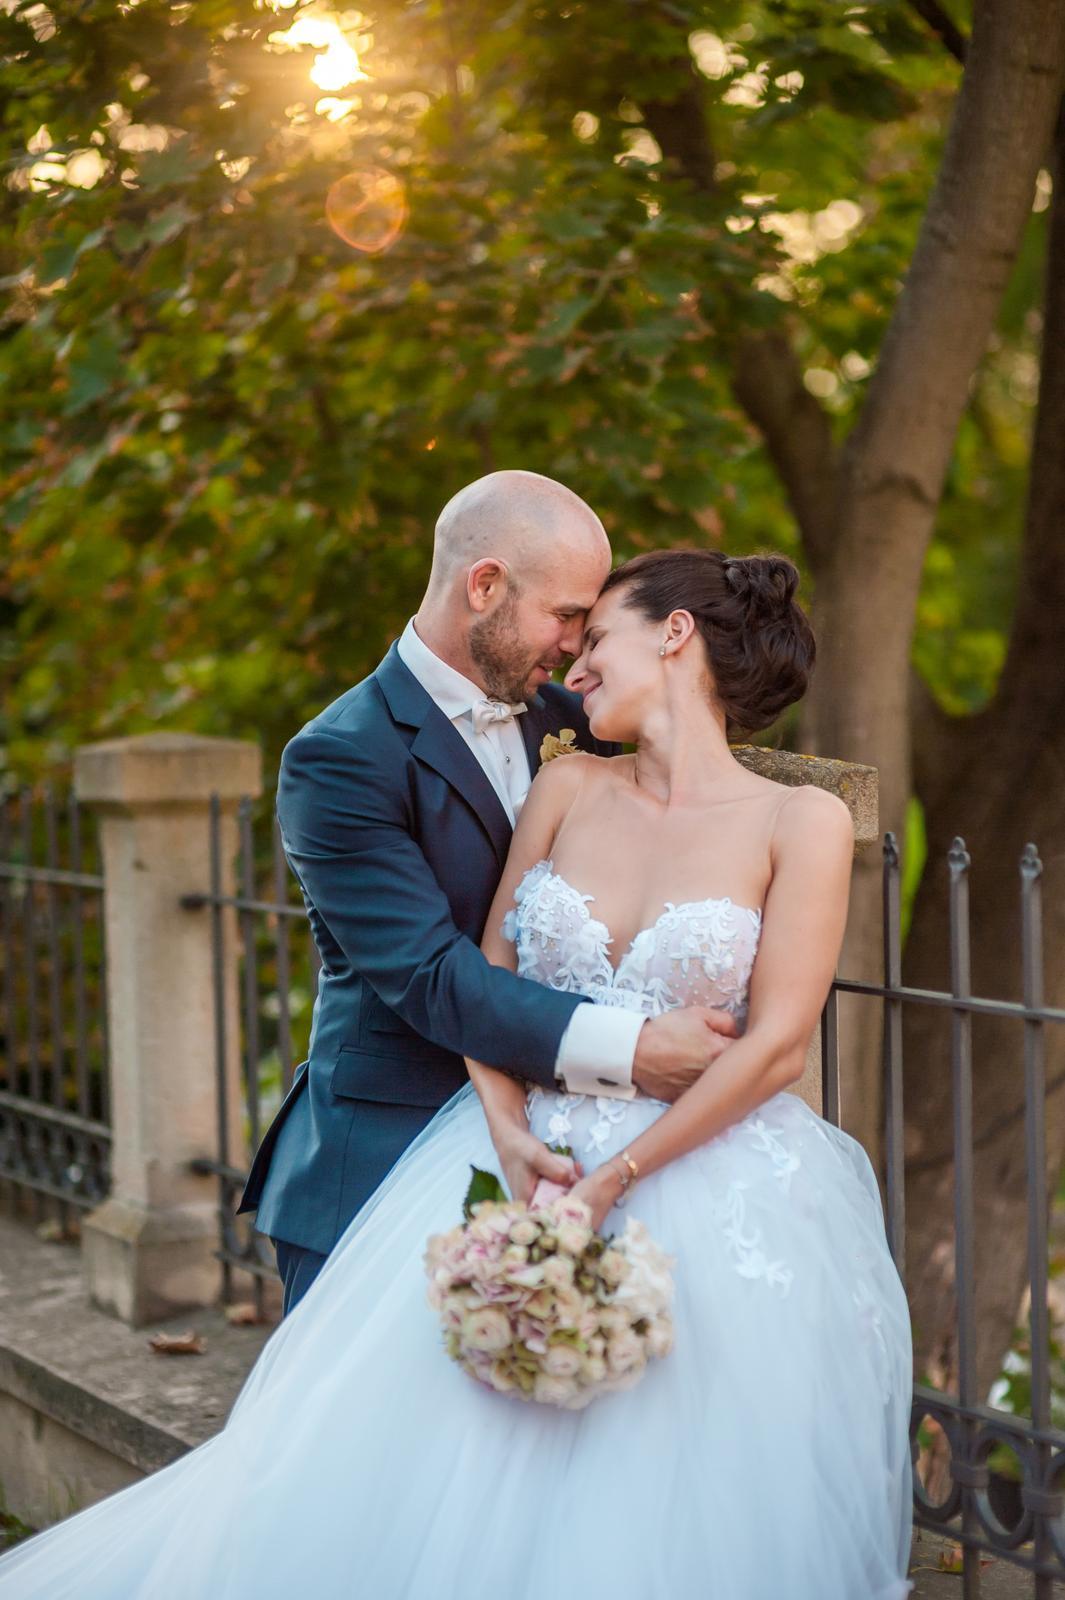 Wedding ♥ - Obrázek č. 97